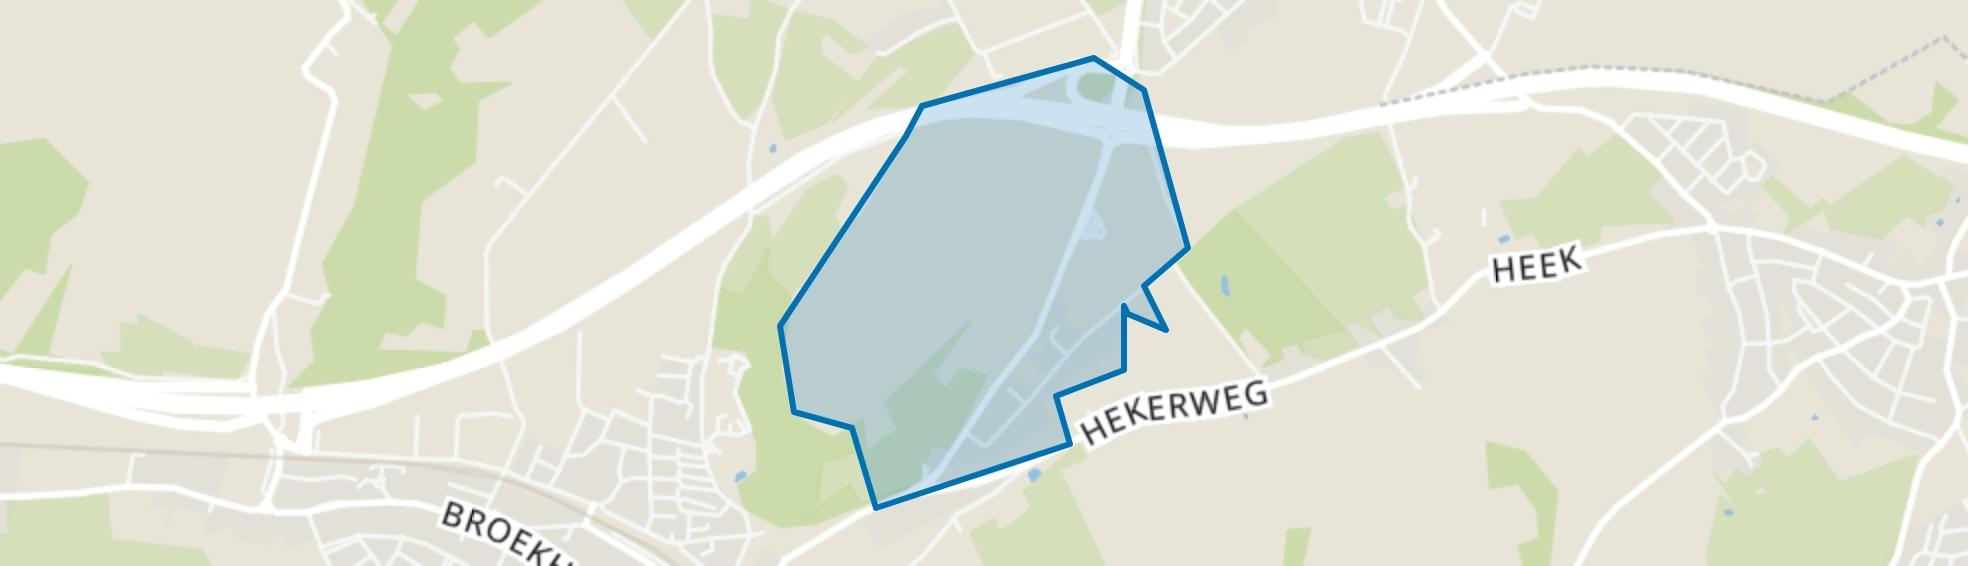 Emmaberg, Valkenburg (LI) map